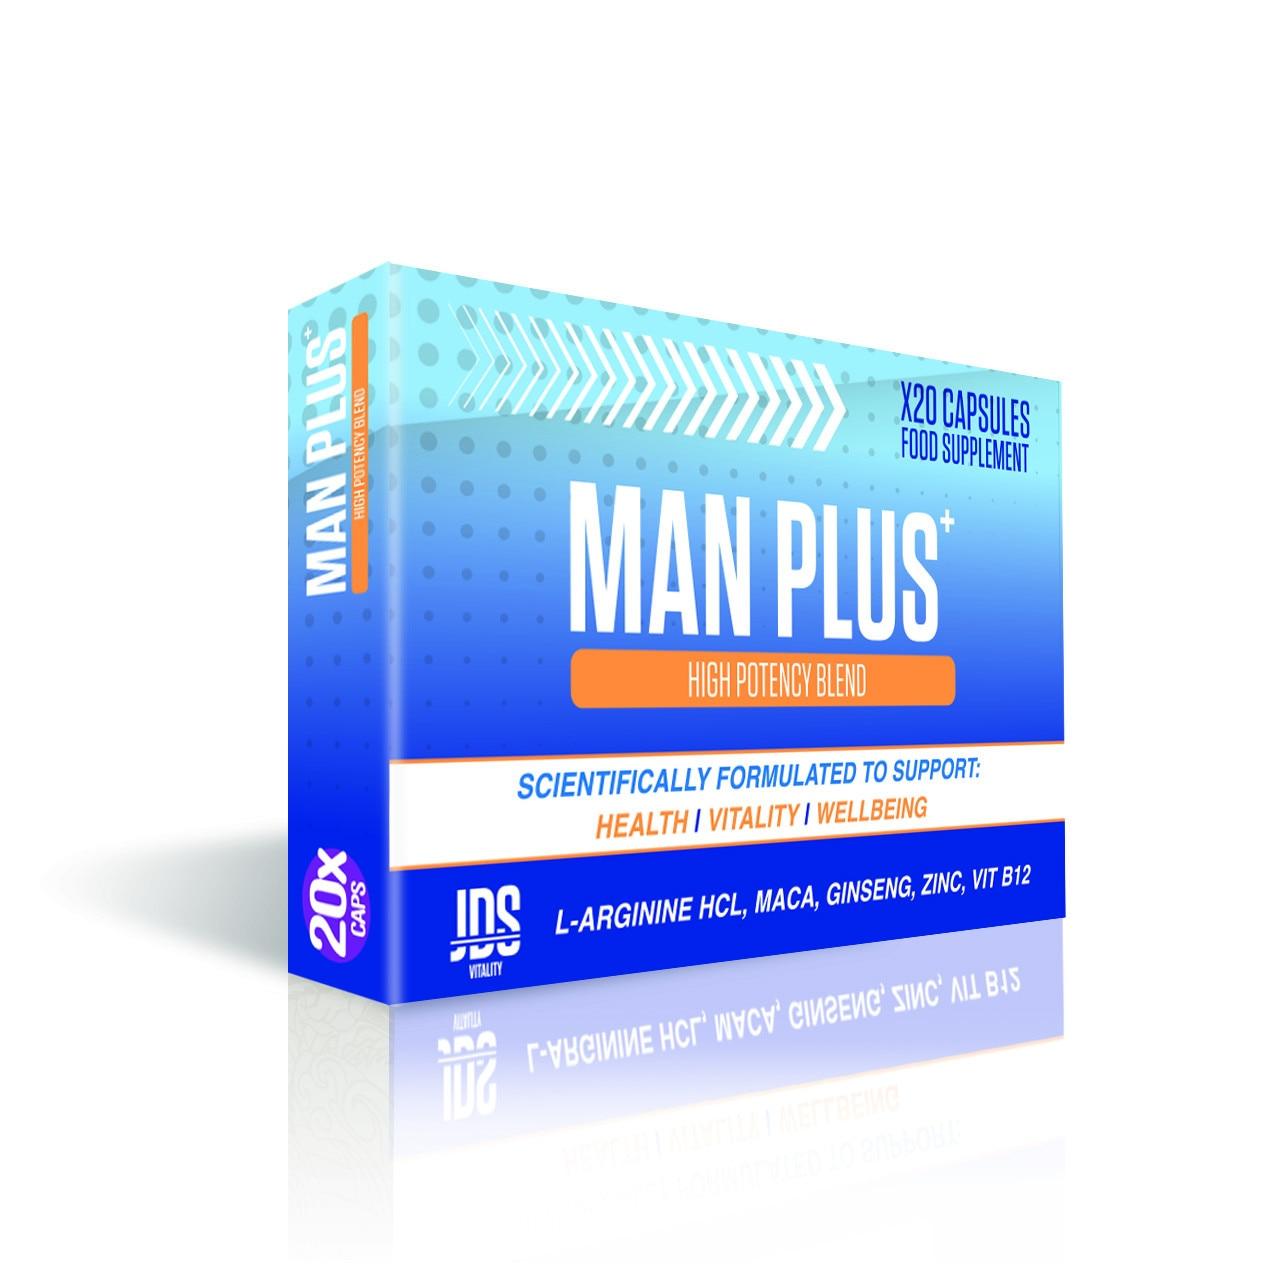 medicament pentru disfuncția erectilă înainte de actul sexual, un bărbat își pierde erecția